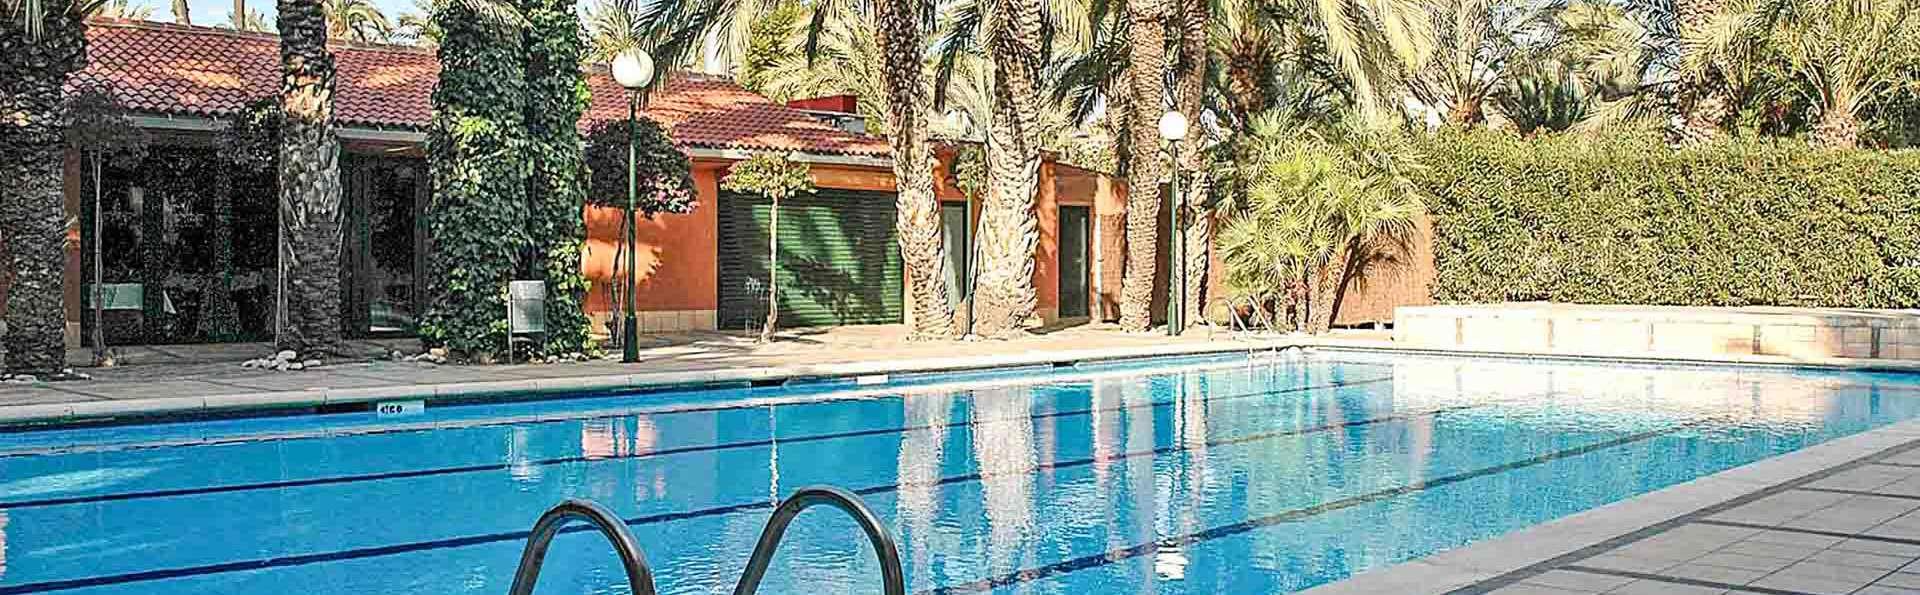 Repos dans un hôtel avec piscine à Elche avec toute la famille